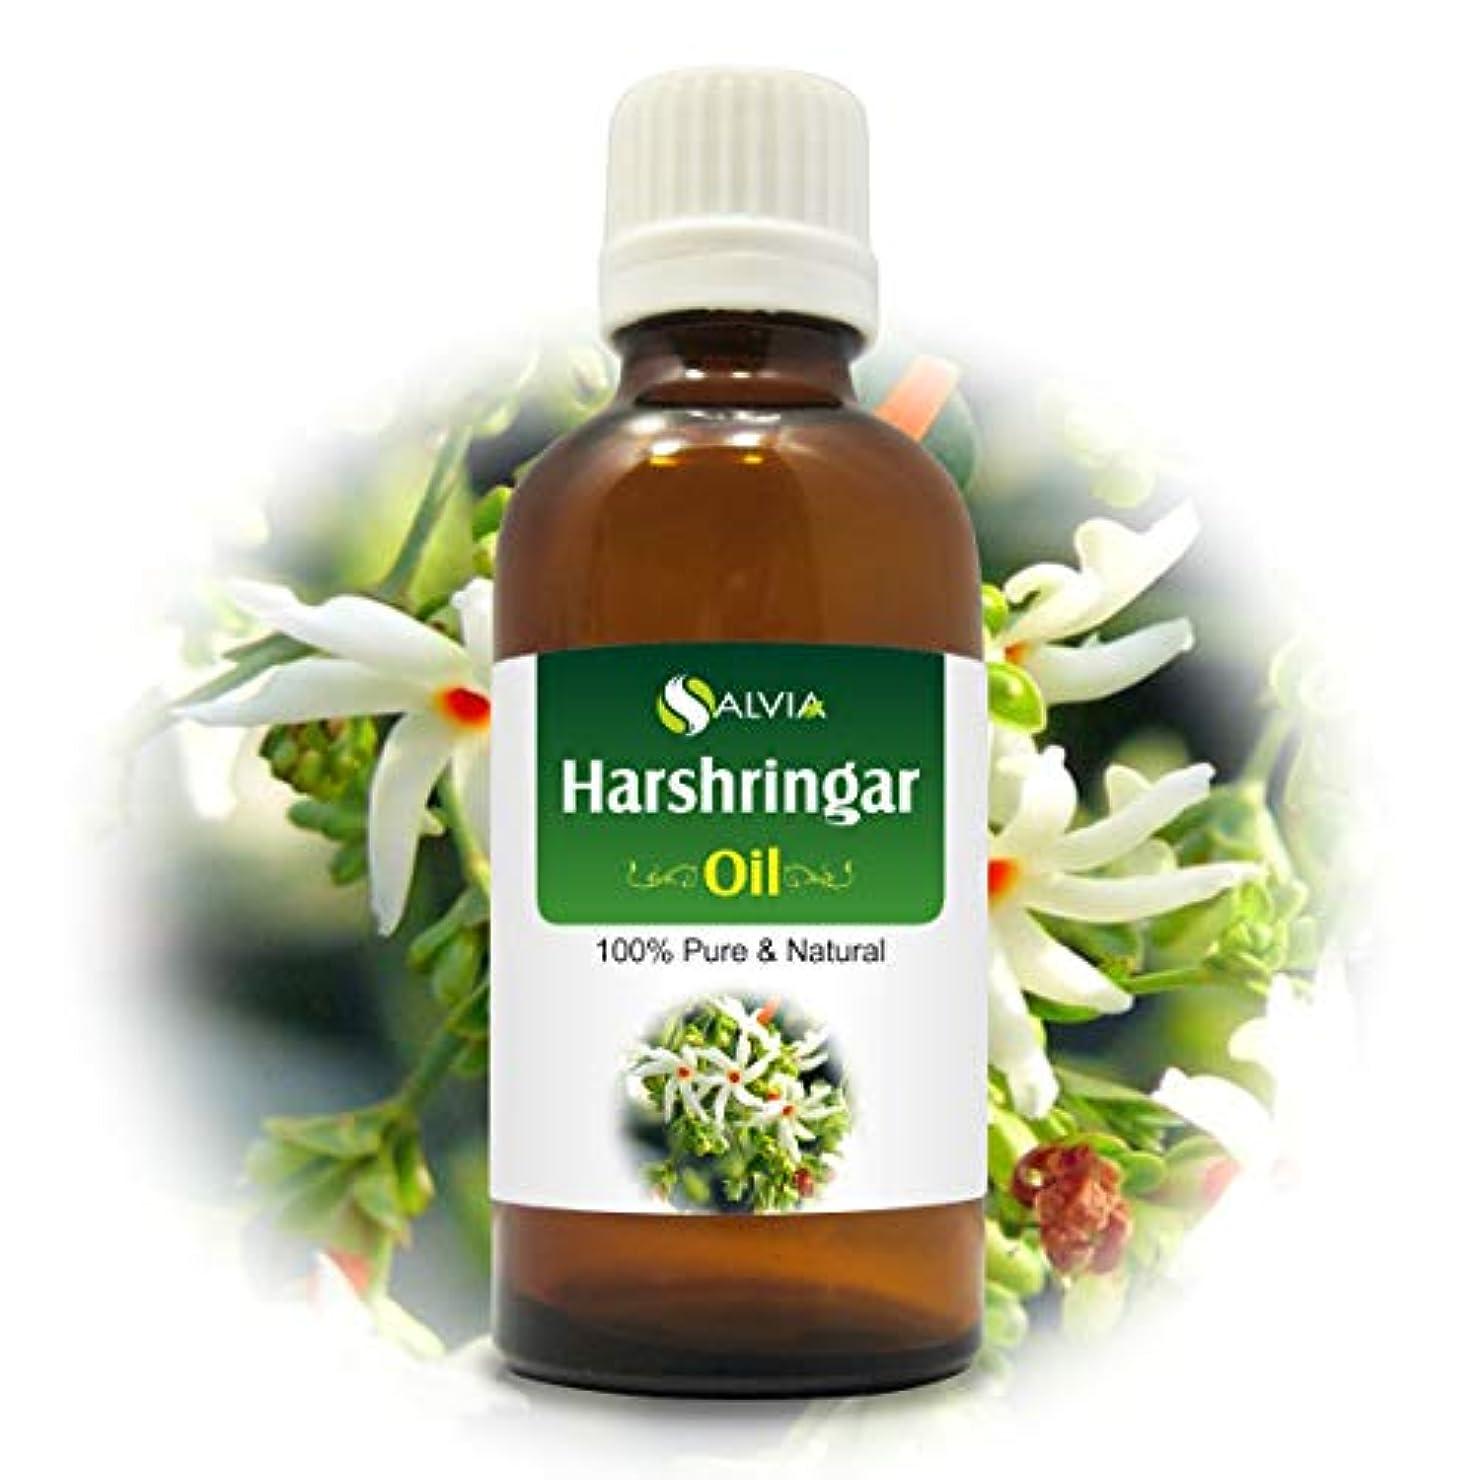 便益ペパーミント有料Harshringar Oil (Nyctanthes arbor-tristis) 100% Natural Pure Undiluted Uncut Essential Oil 30ml